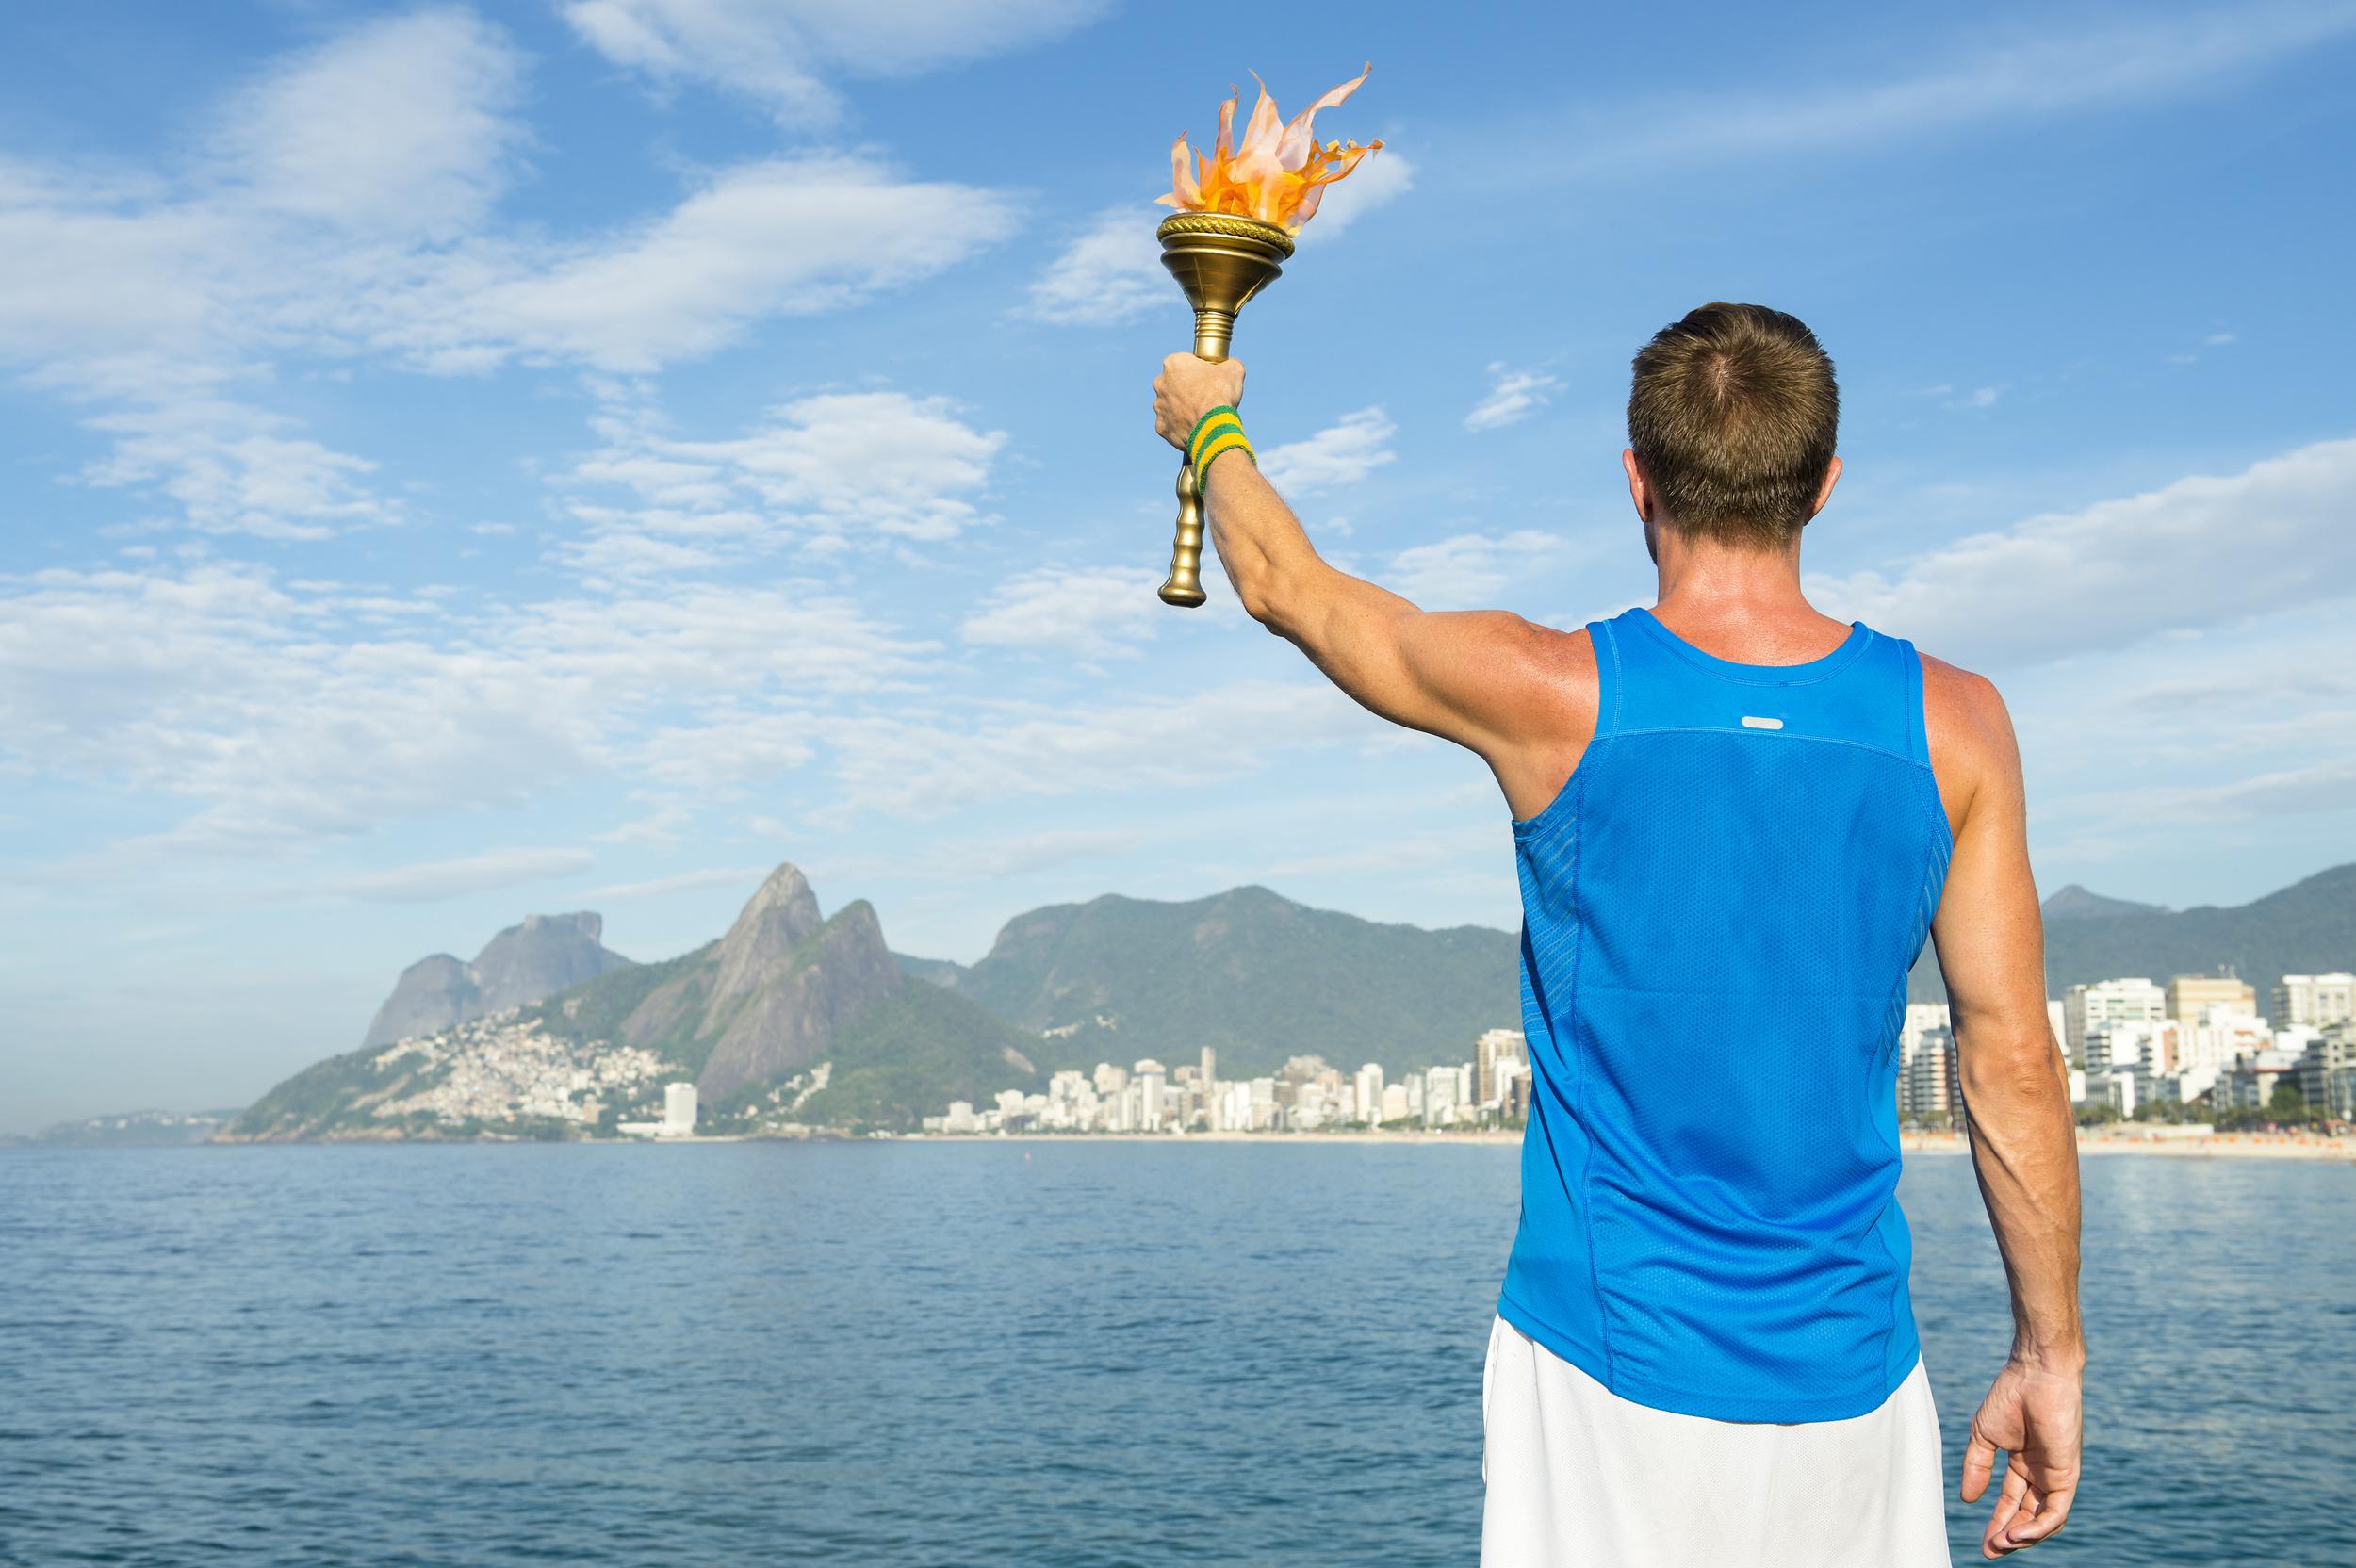 YouTube_Rio_Olympics